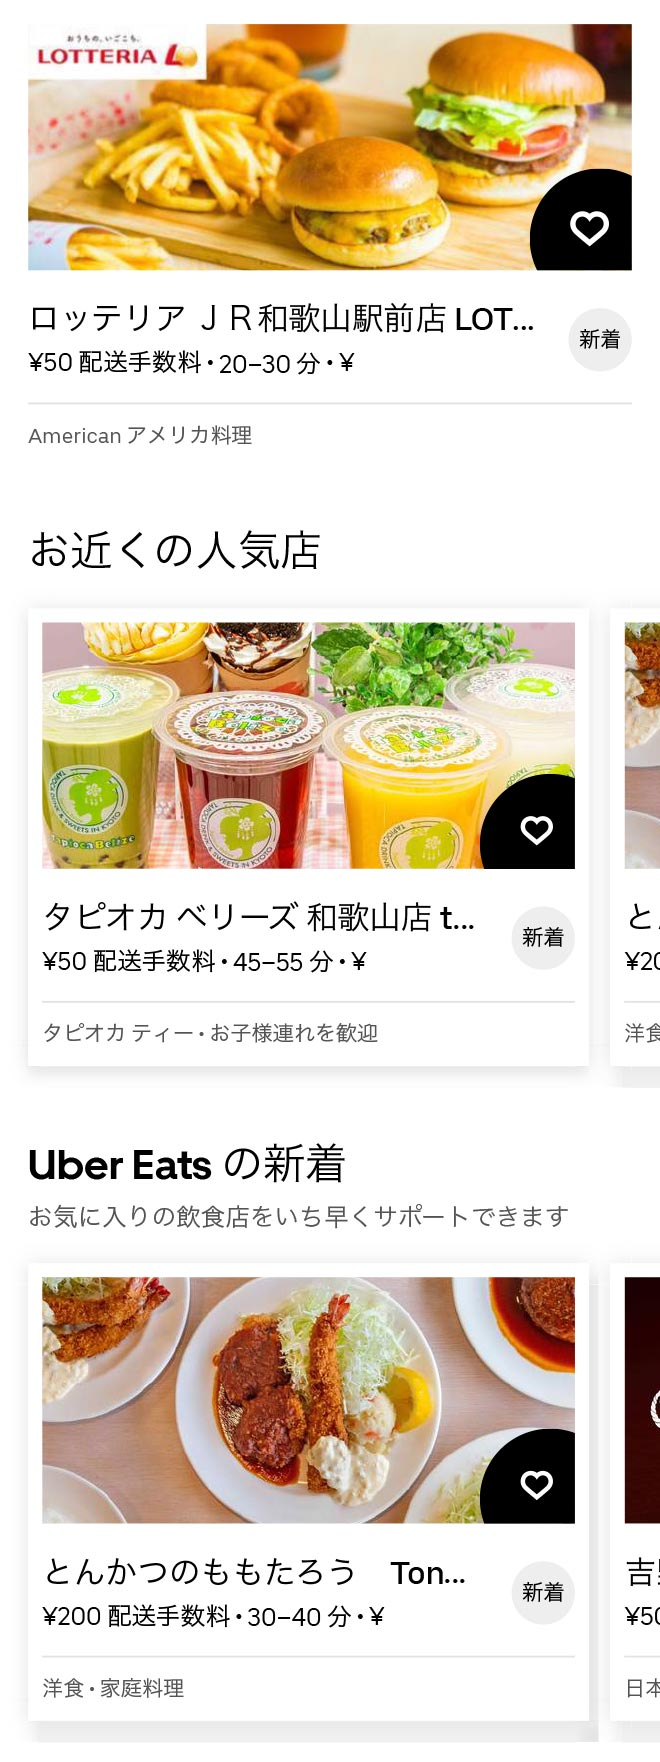 Wakayama menu 2011 1